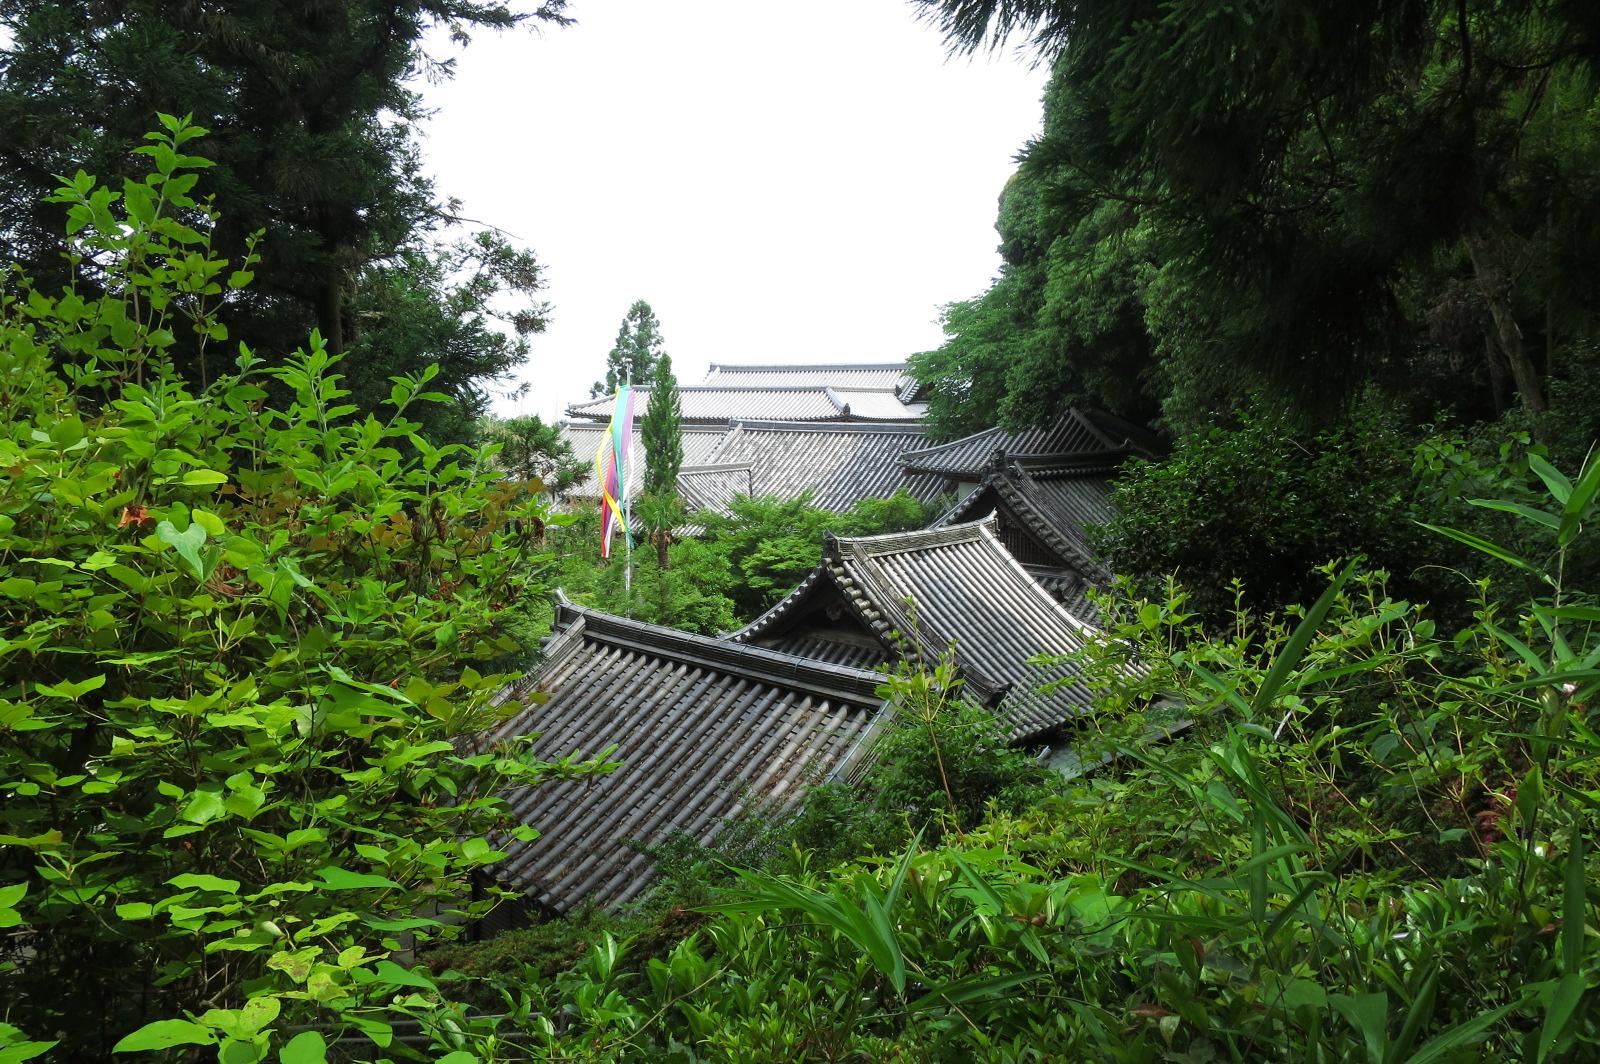 階段上から眺めた阿弥陀堂や七福神堂などの屋根も美しいですね。